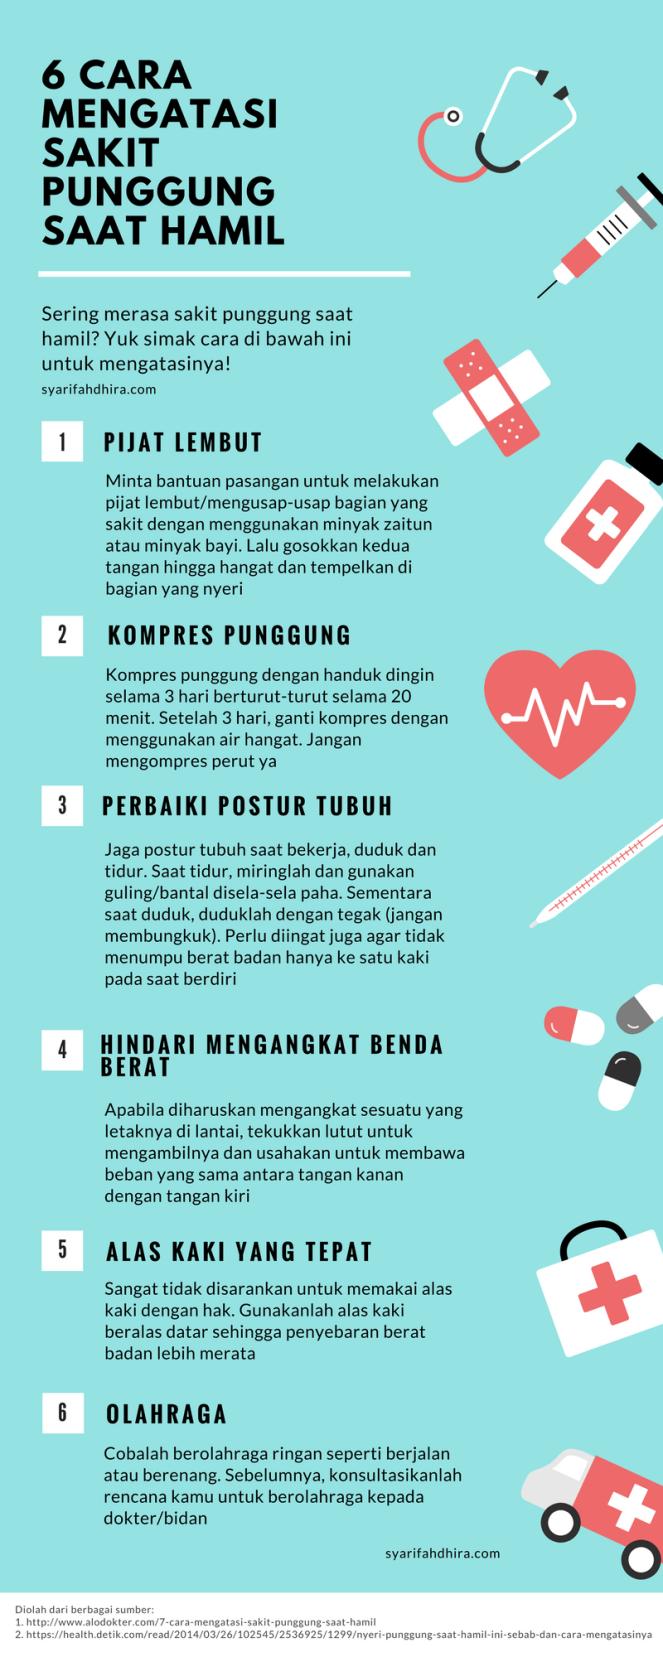 6 Cara mengurangi sakit punggung saat hamil.png